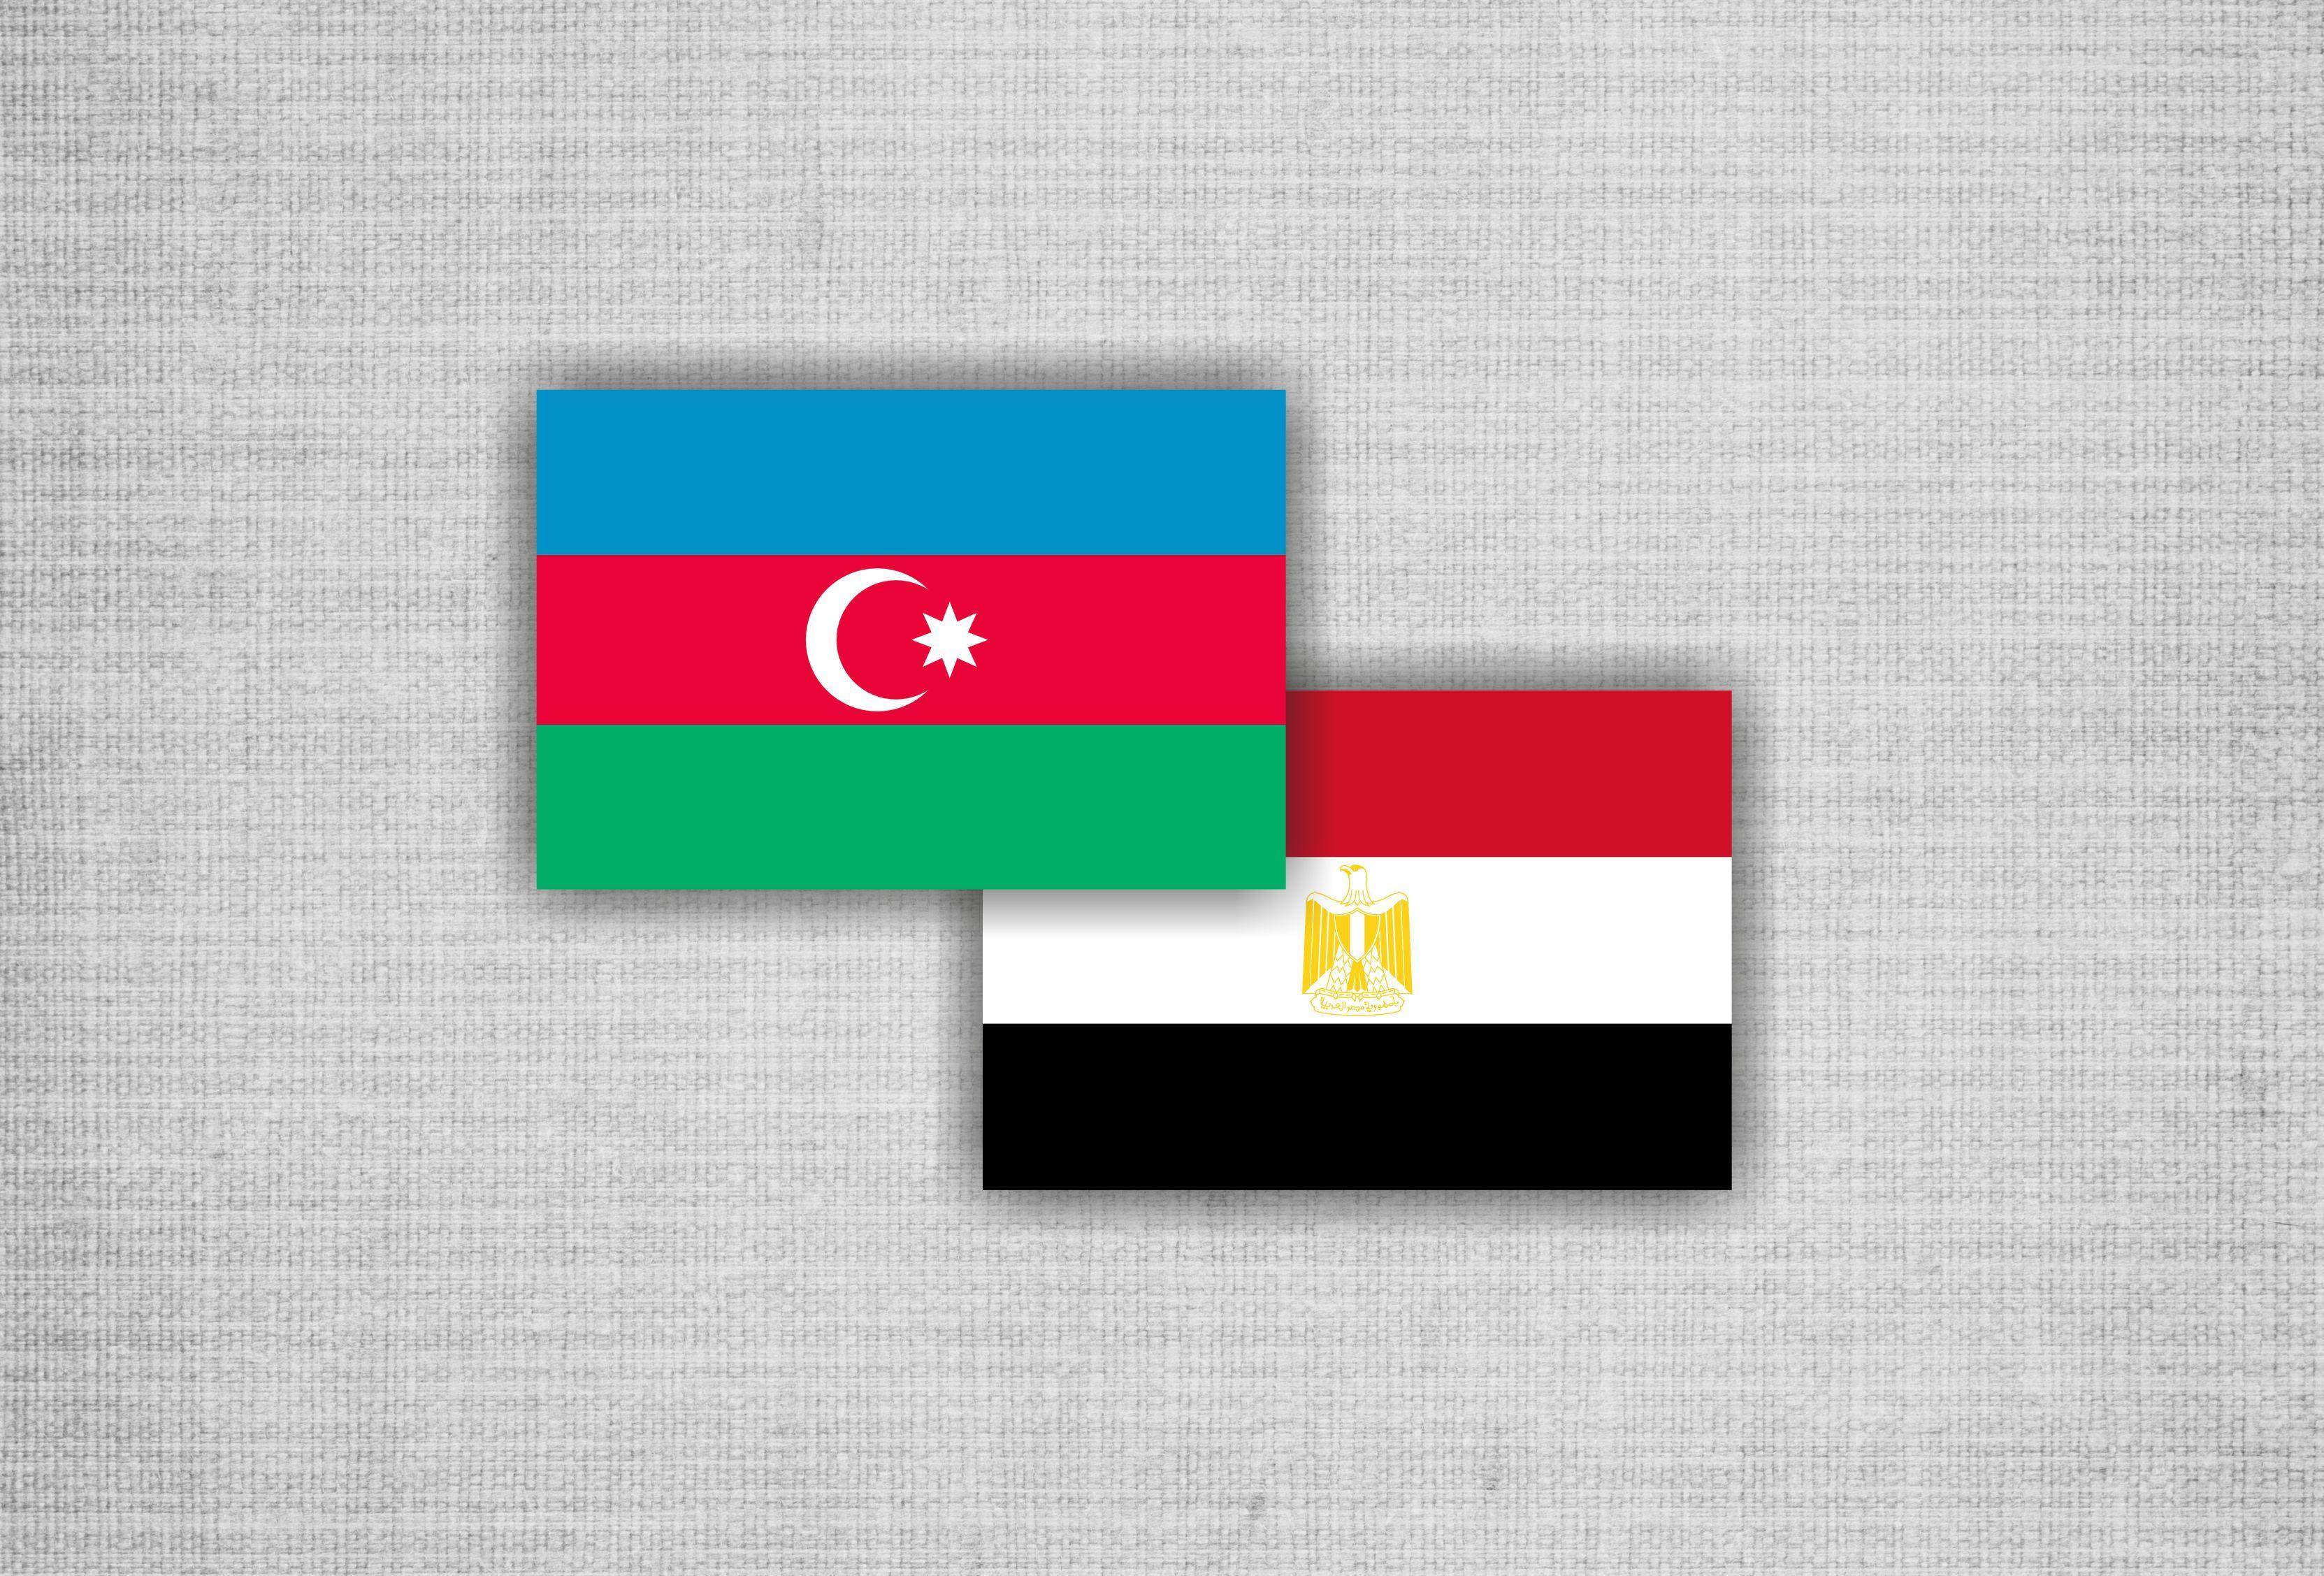 Достигнута договоренность об открытии прямого рейса между Азербайджаном и Египтом